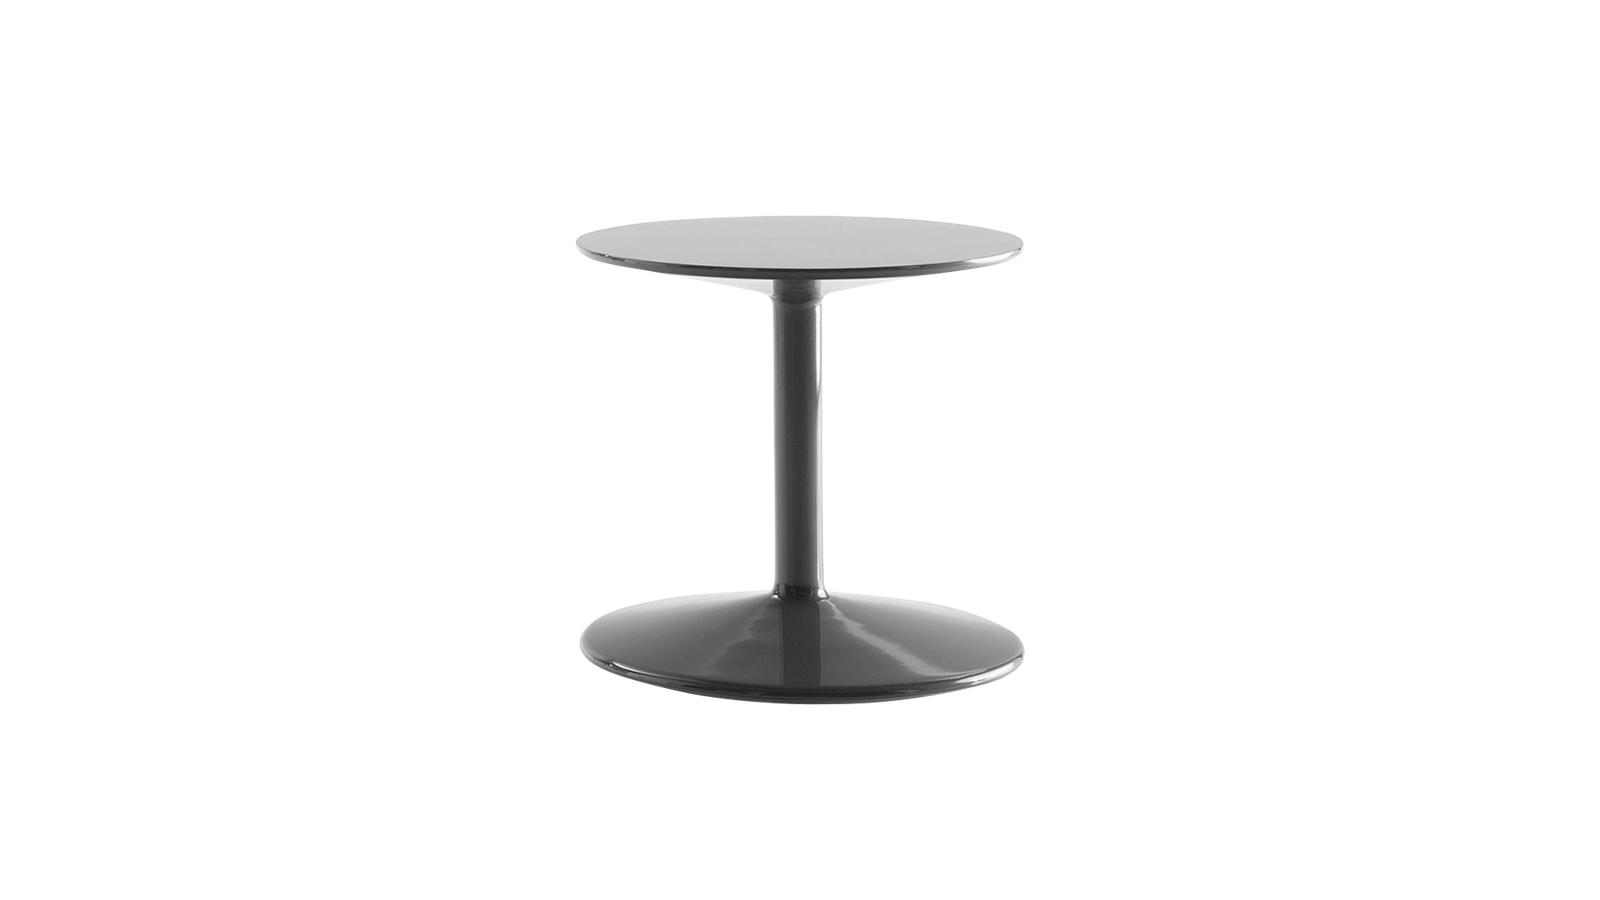 Játékosság, vidámság, és persze praktikum jellemzi a B&B Italia Spool asztalát, mely nem kevesebb, mint 18 különböző színárnyalatban, fényes, lakkozott felületekkel elérhető. Teste poliuretánból készült, stabilitásáról pedig acél vázszerkezet gondoskodik, tervezője Piero Lissoni.